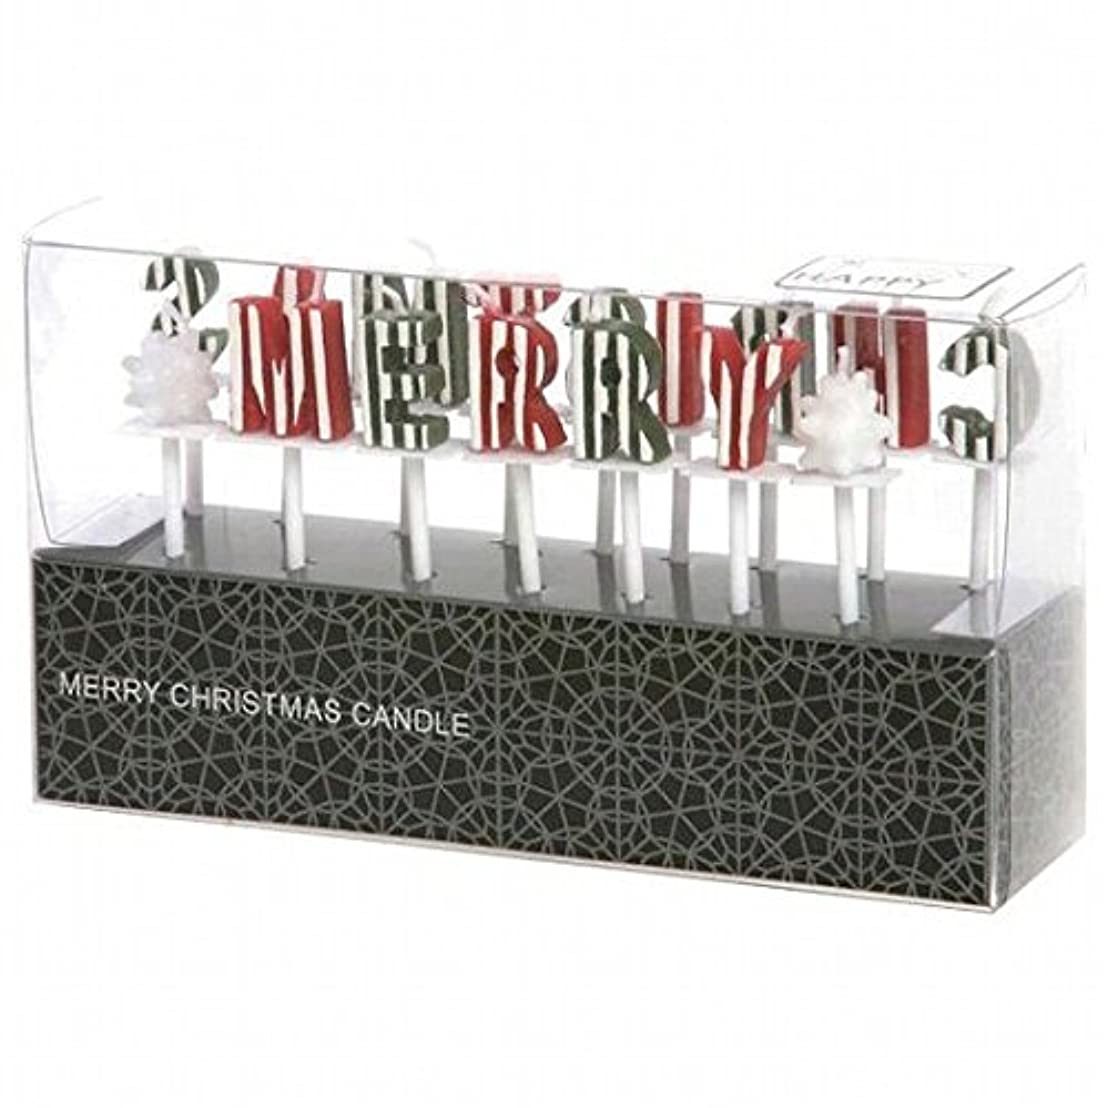 仲良し申し込むハンバーガーkameyama candle(カメヤマキャンドル) メリークリスマスキャンドルギフト(55340030)